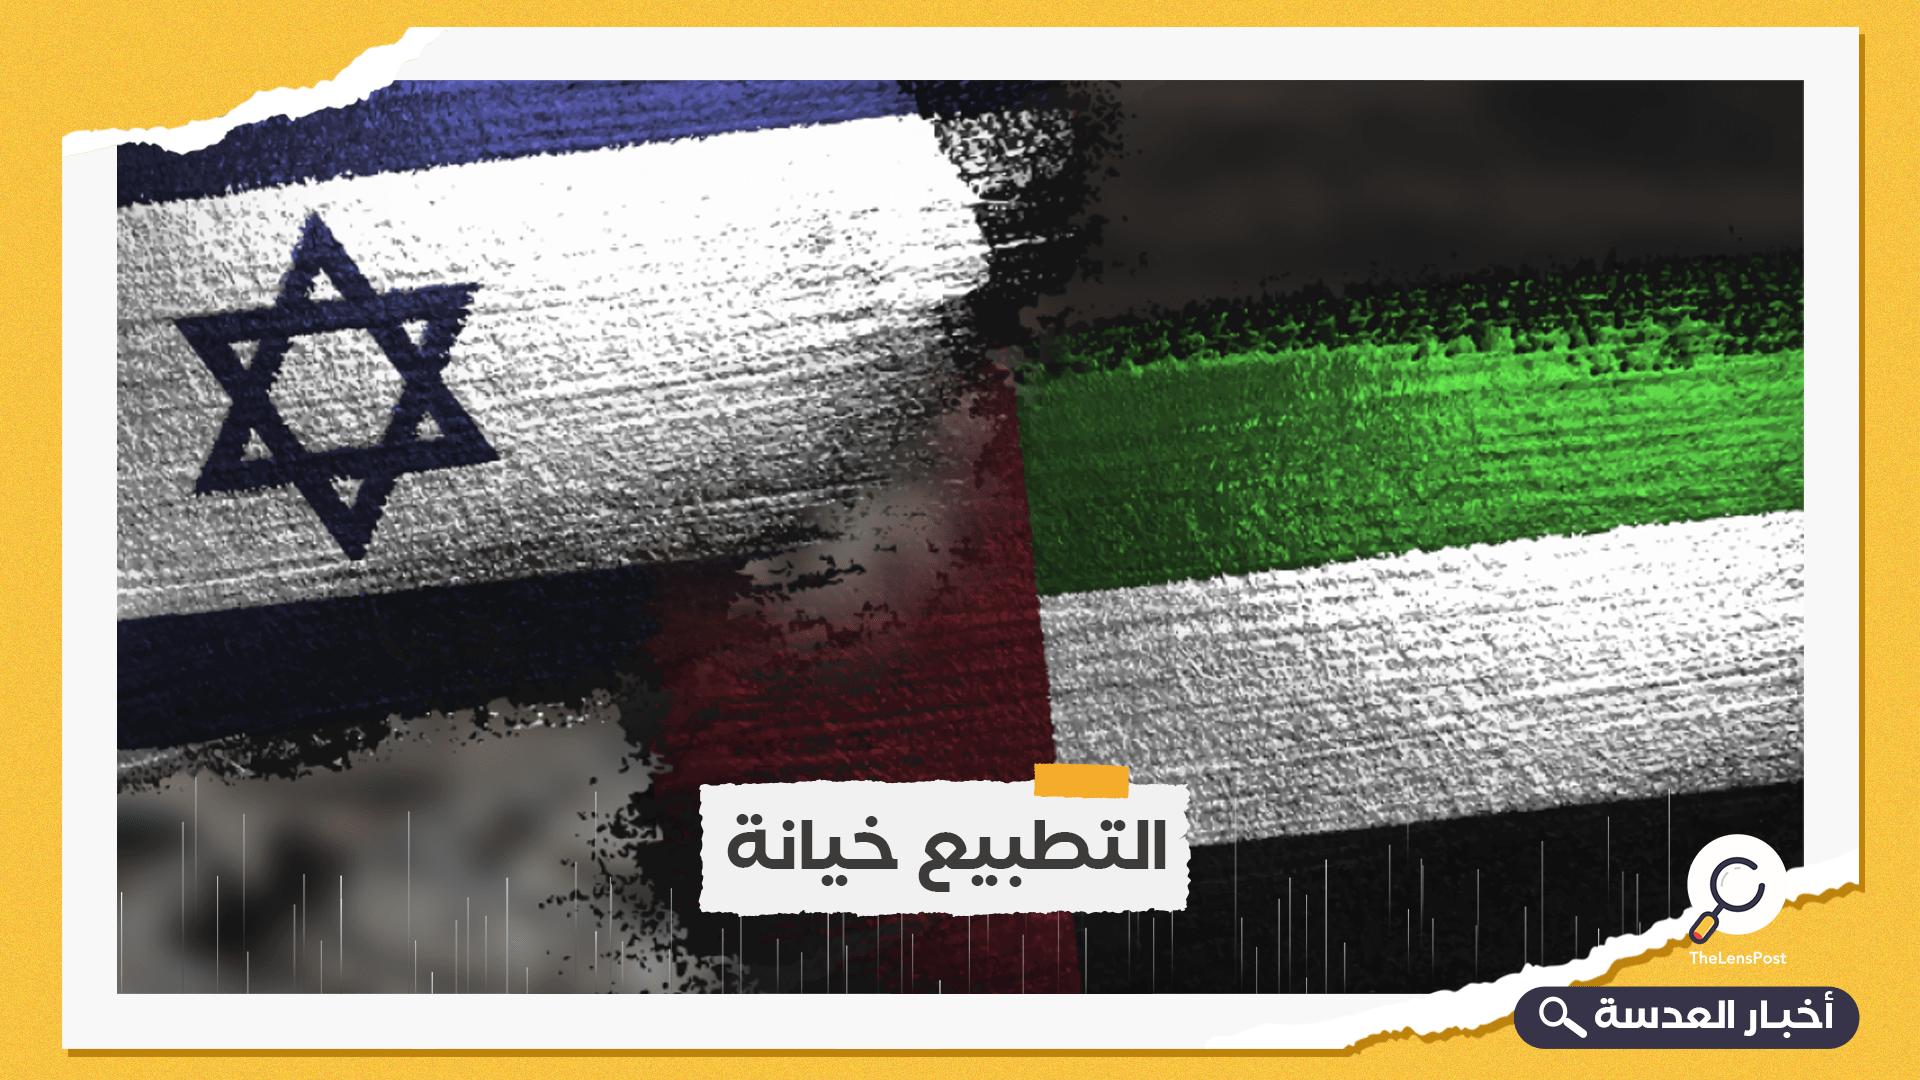 الإمارات توقع اتفاقيات اقتصادية جديدة مع الكيان الصهيوني